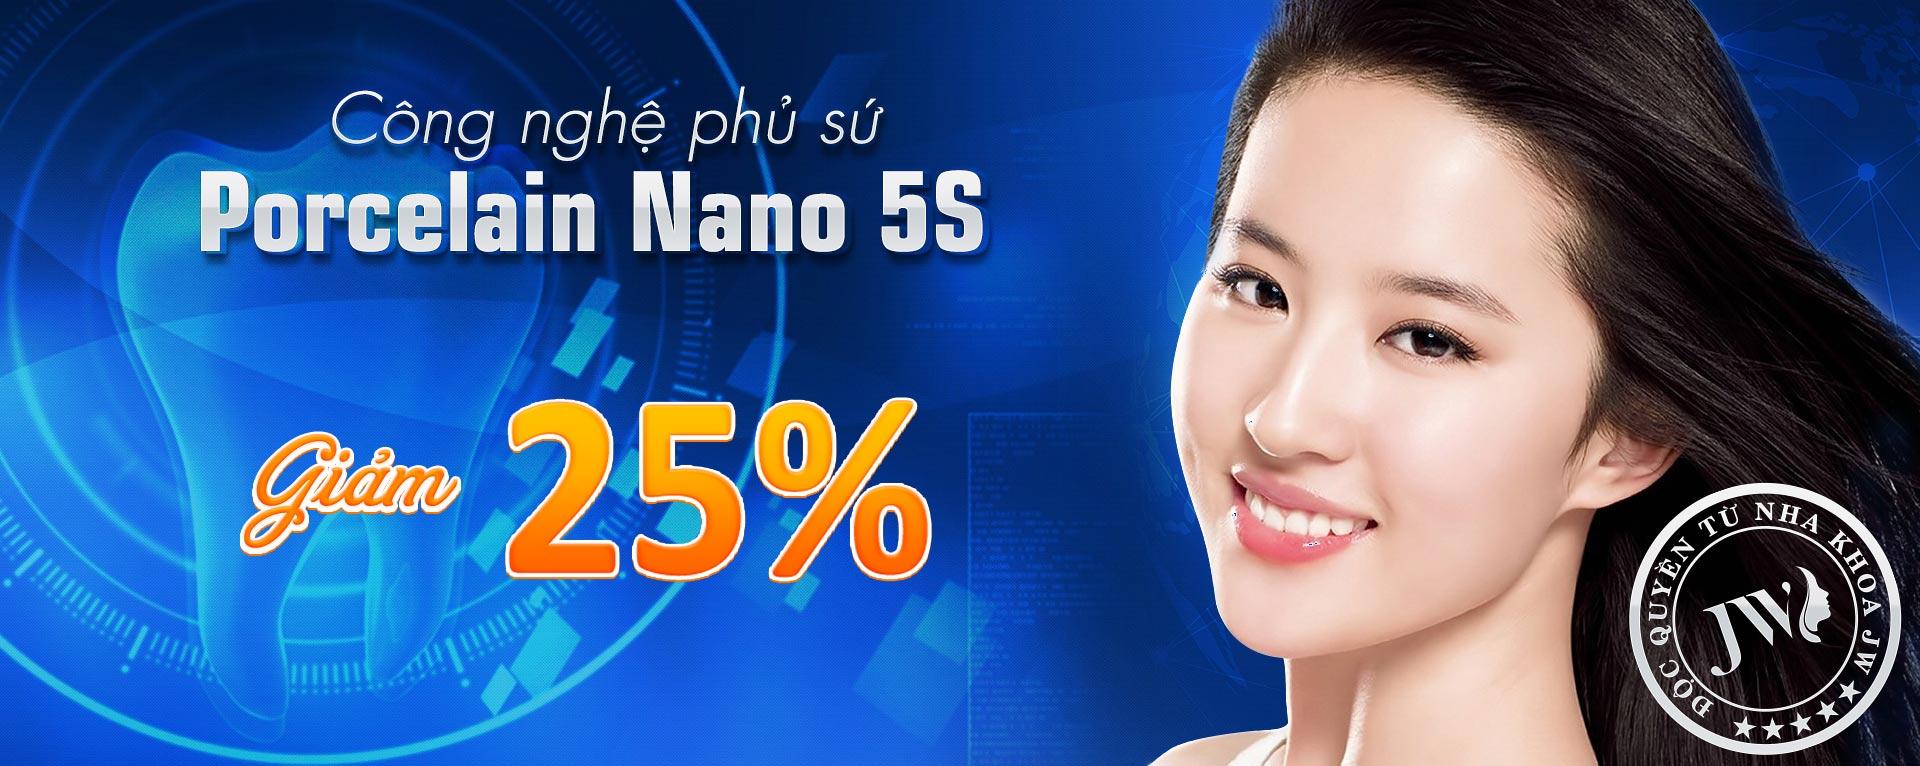 công nghệ nano 5s